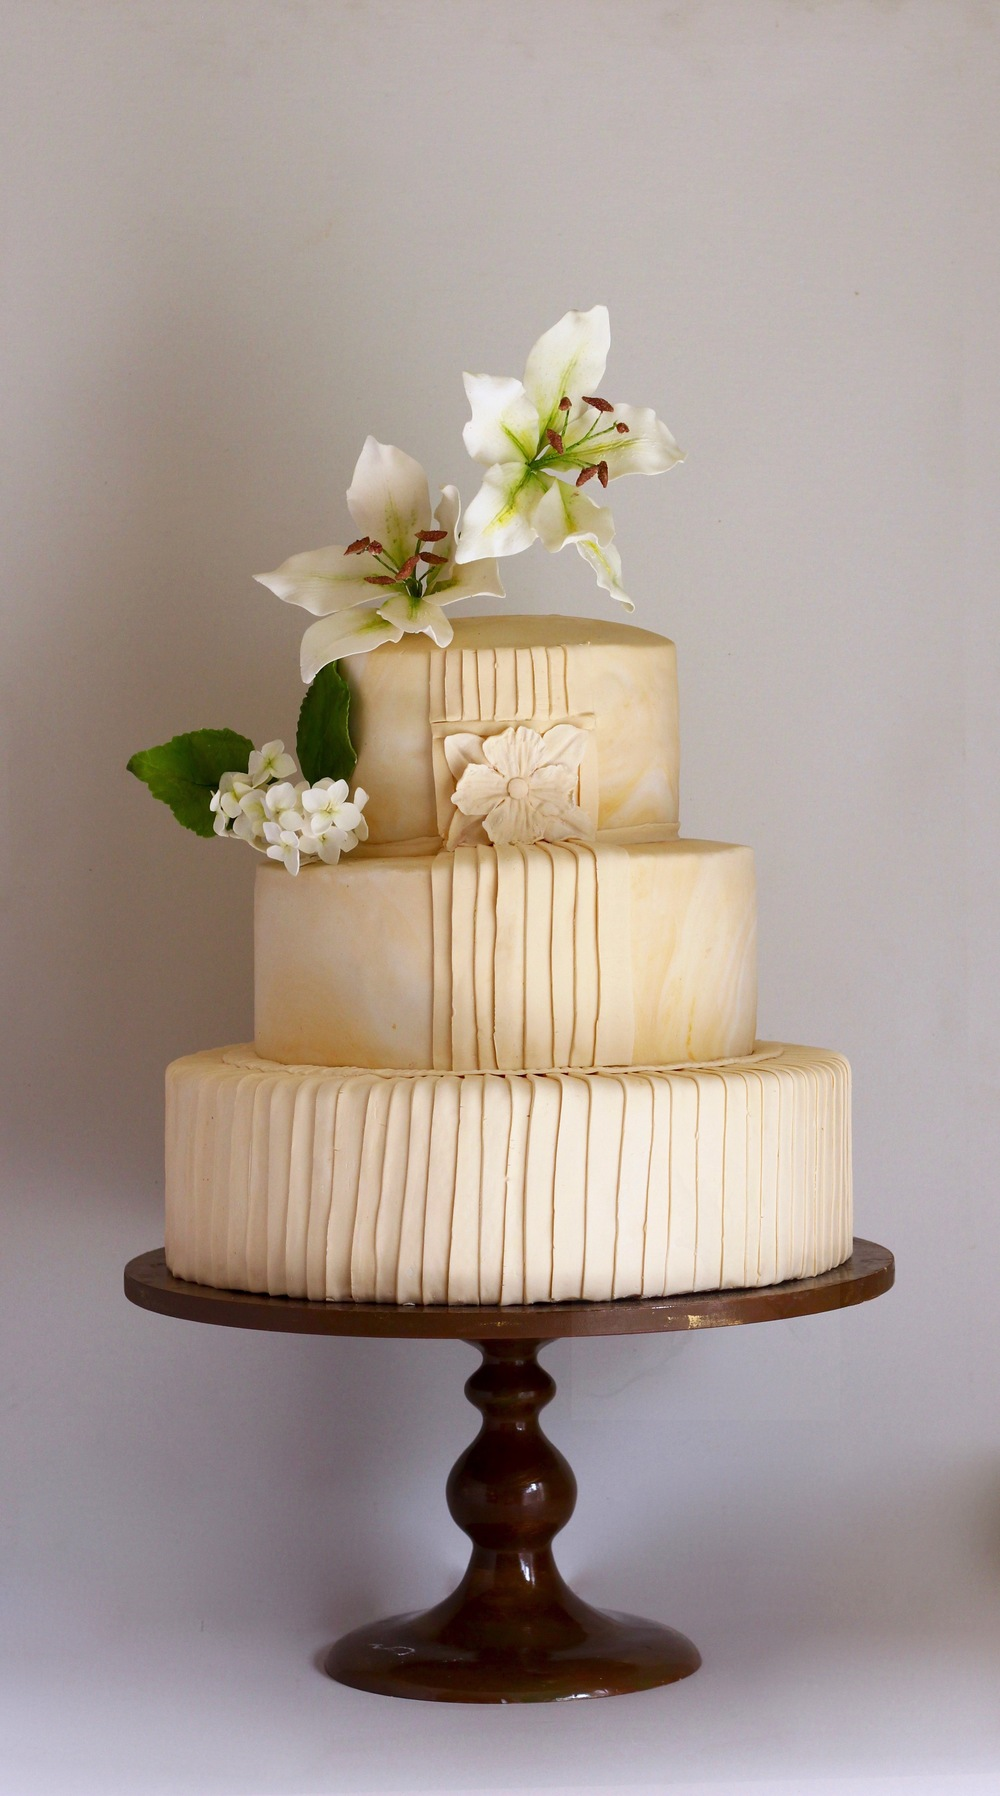 marbled wedding cake by jaime gerard cake